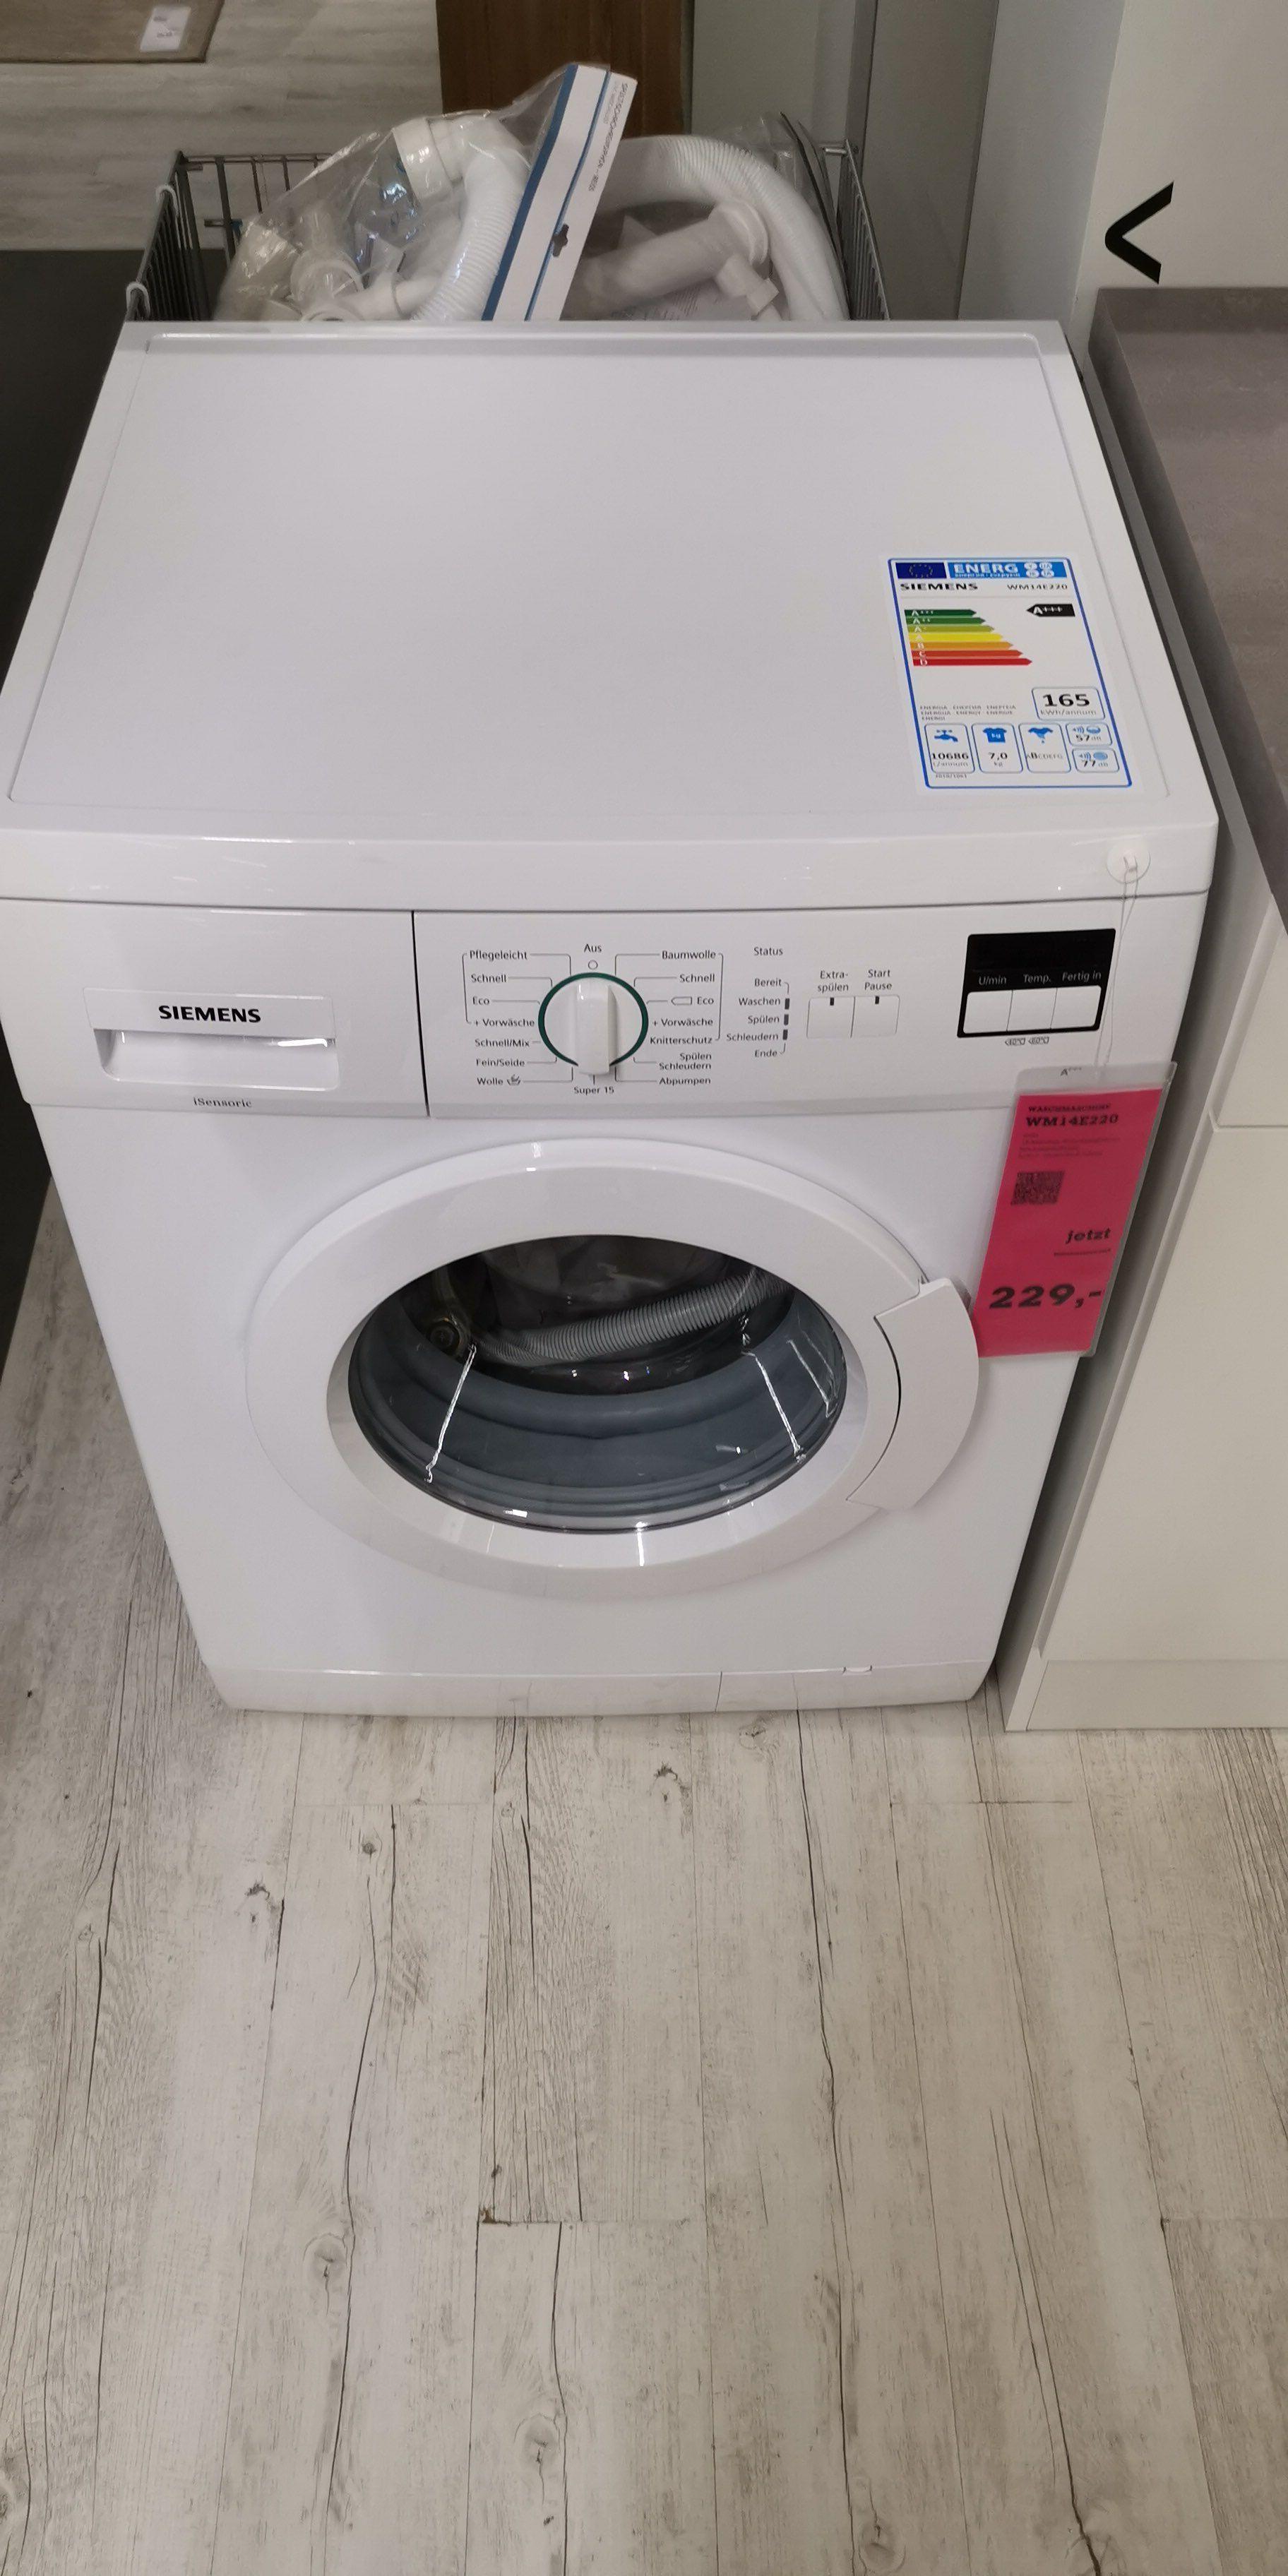 SIEMENS Waschmaschine WM14e220 im Mömax Fulda